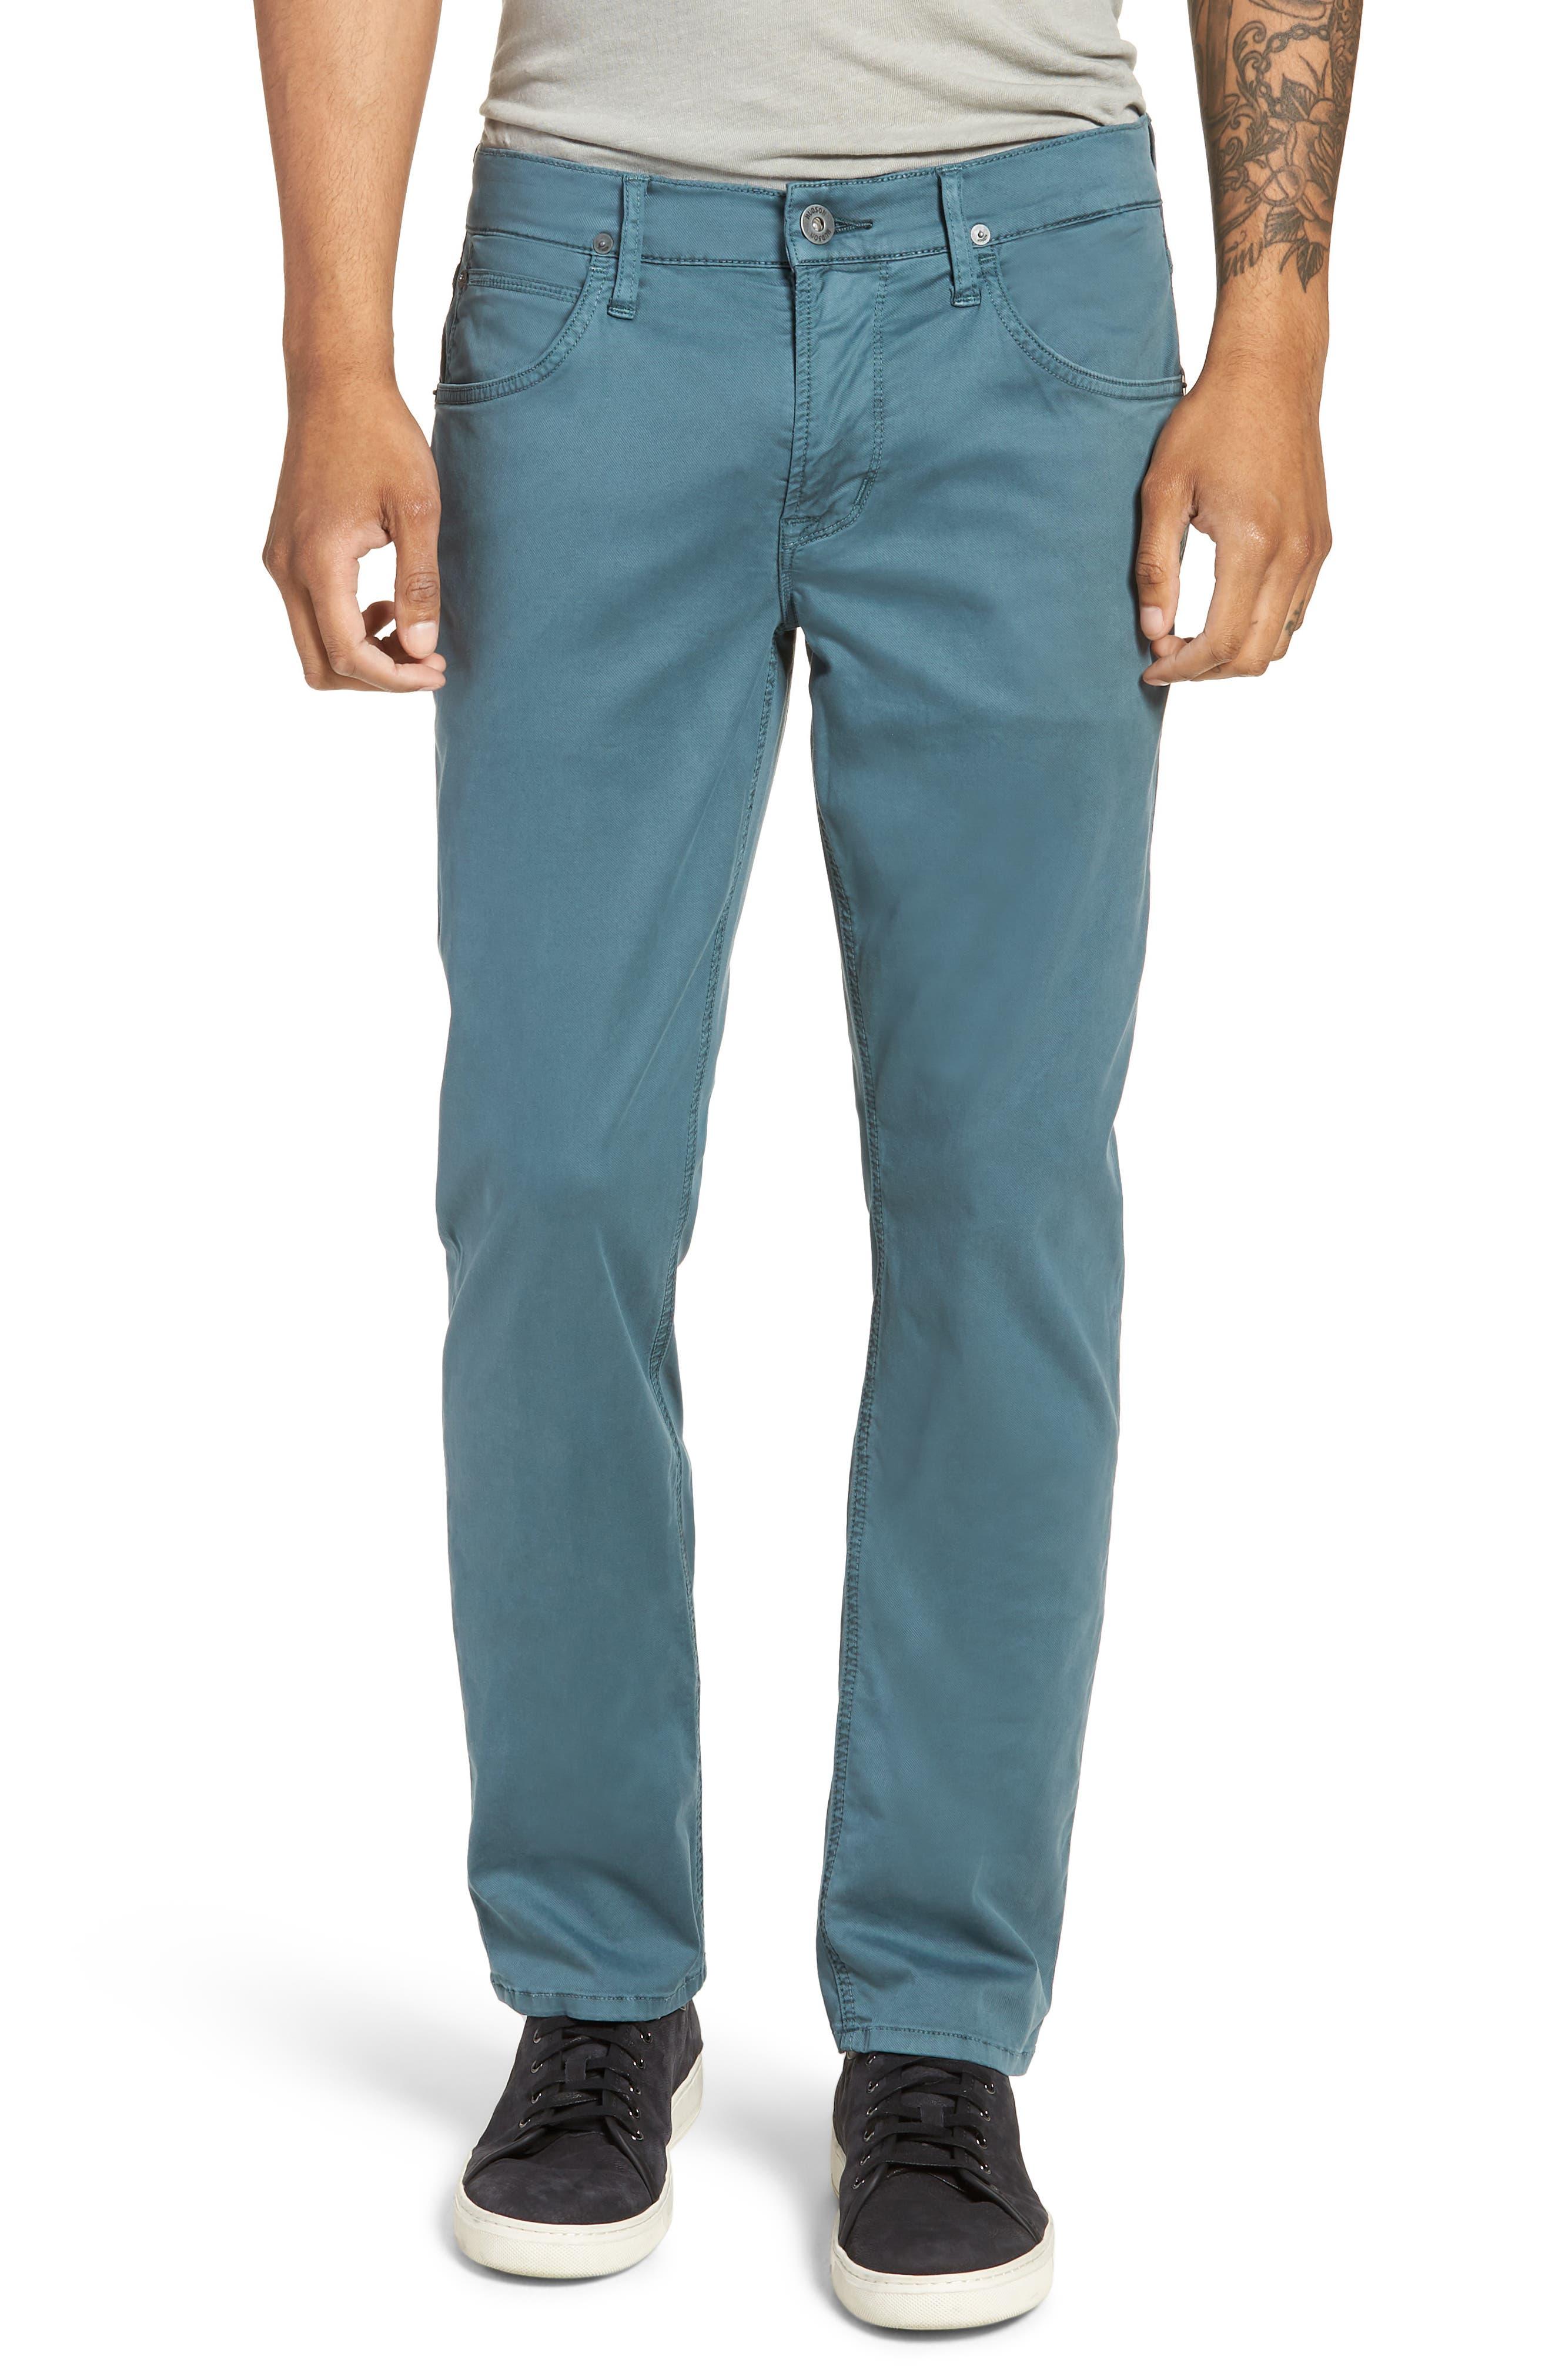 Blake Slim Fit Jeans,                         Main,                         color, Ocean